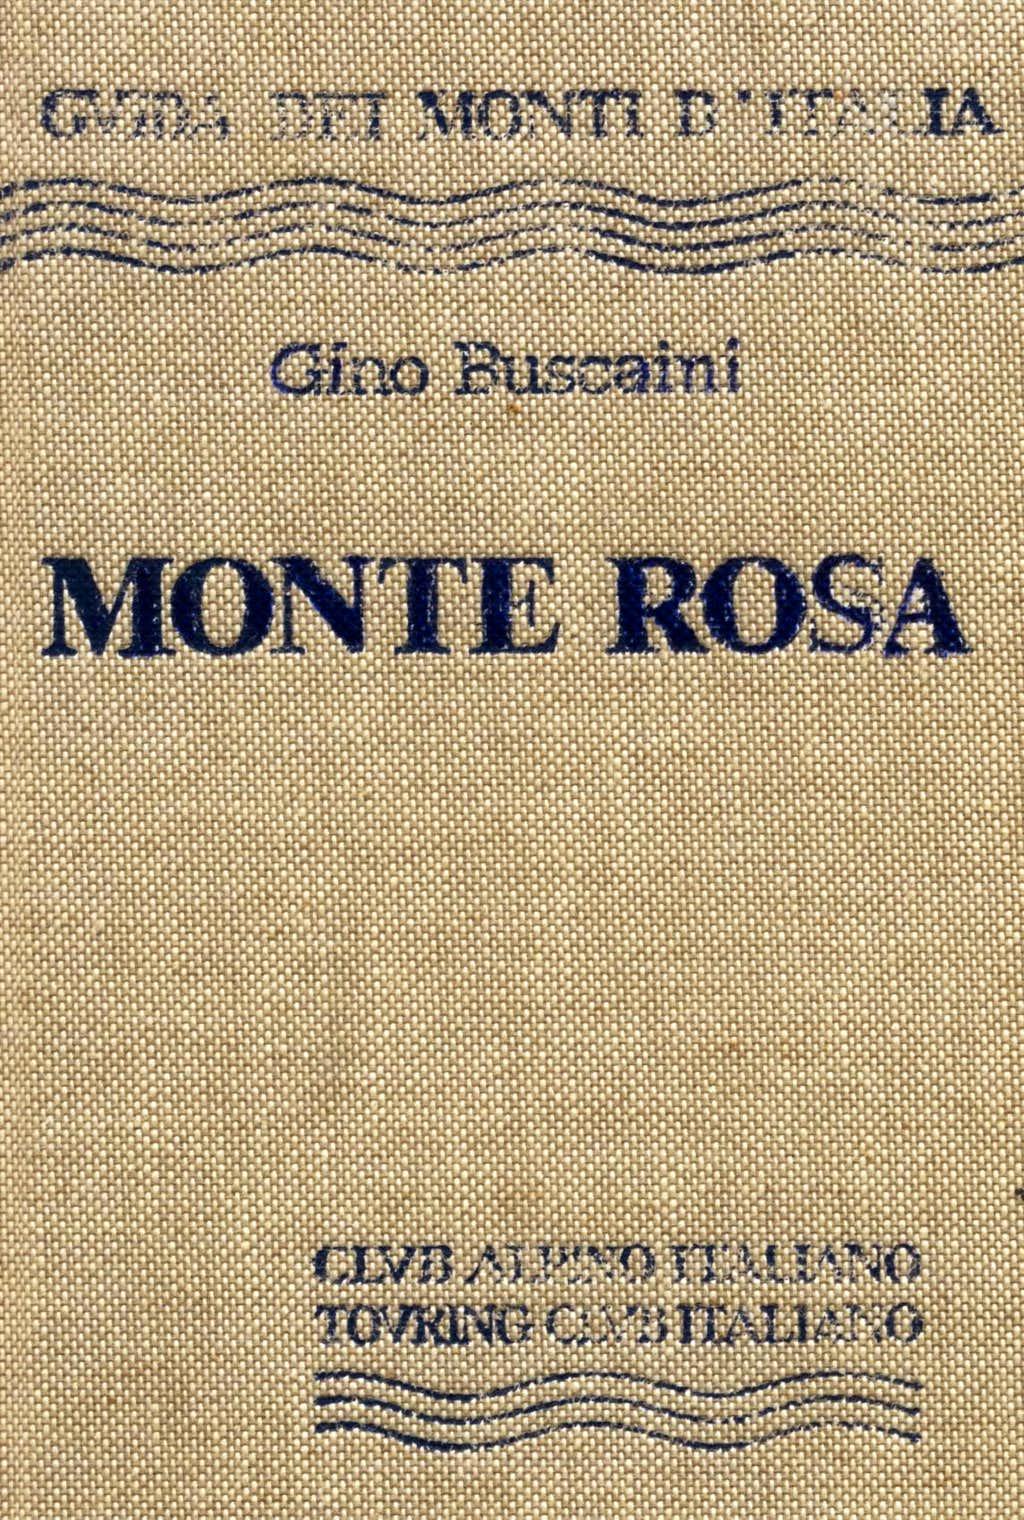 Monte Rosa guidebook